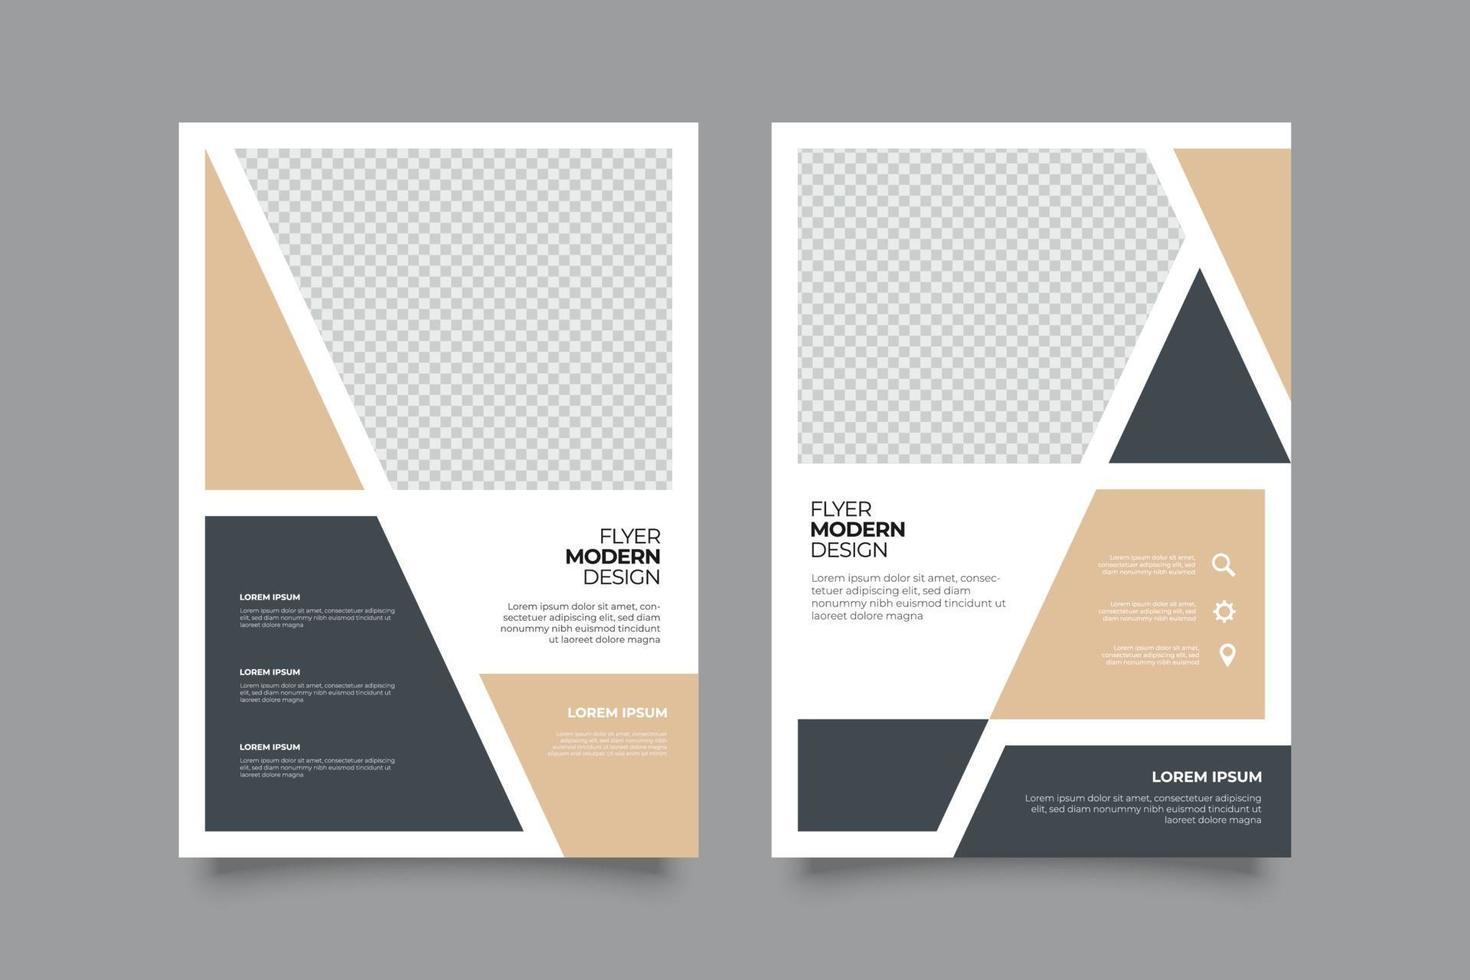 minimalistische Webinar-Flyer-Vorlage mit Formen vektor